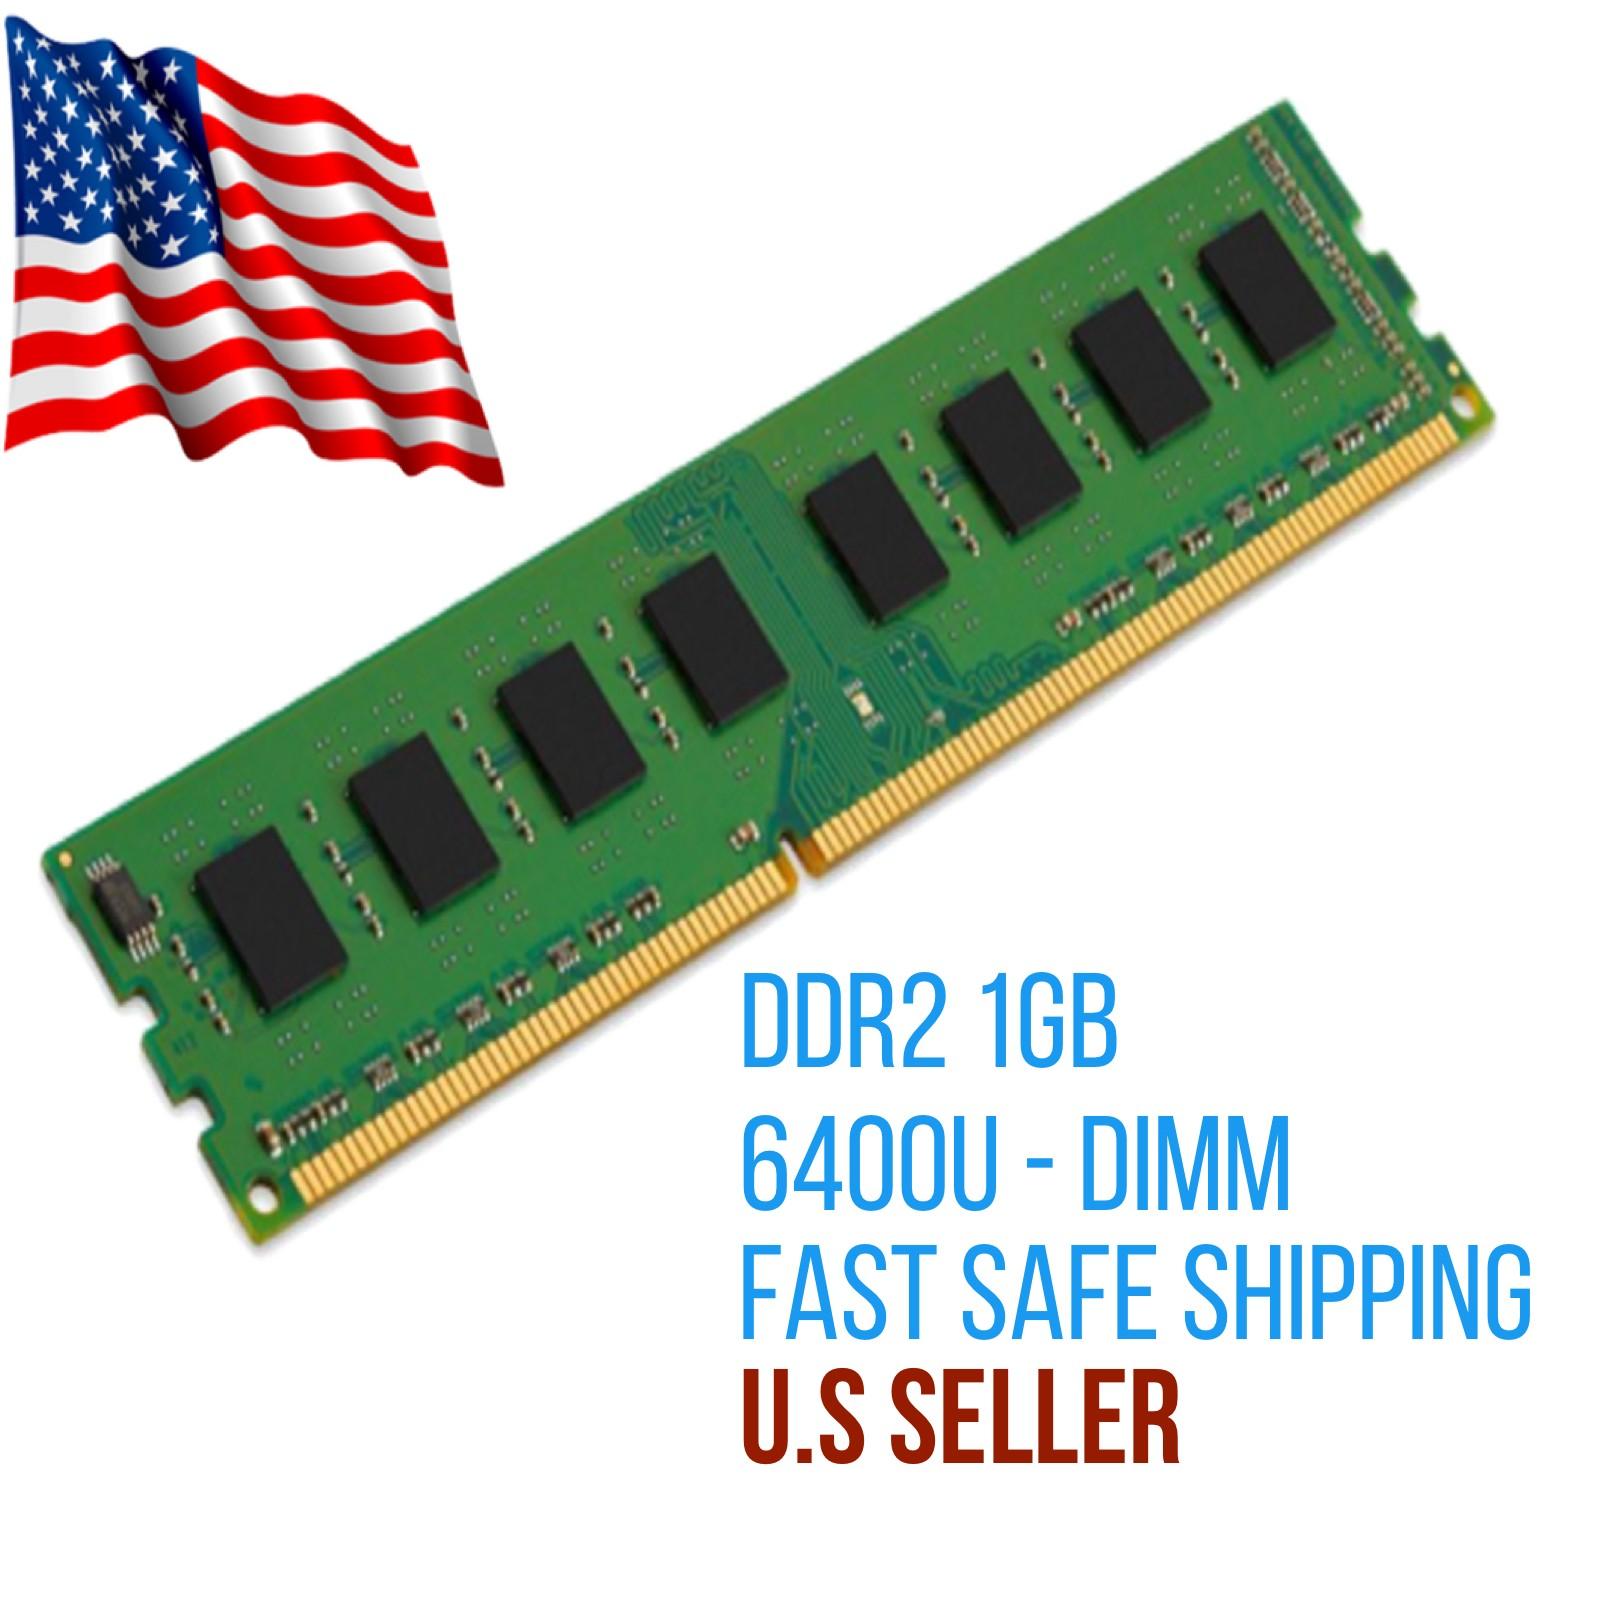 Mem001-1GB PC2-6400U 2RX8 667MHz DIMM RAM Desktop Memory Non-ECC Branded-image